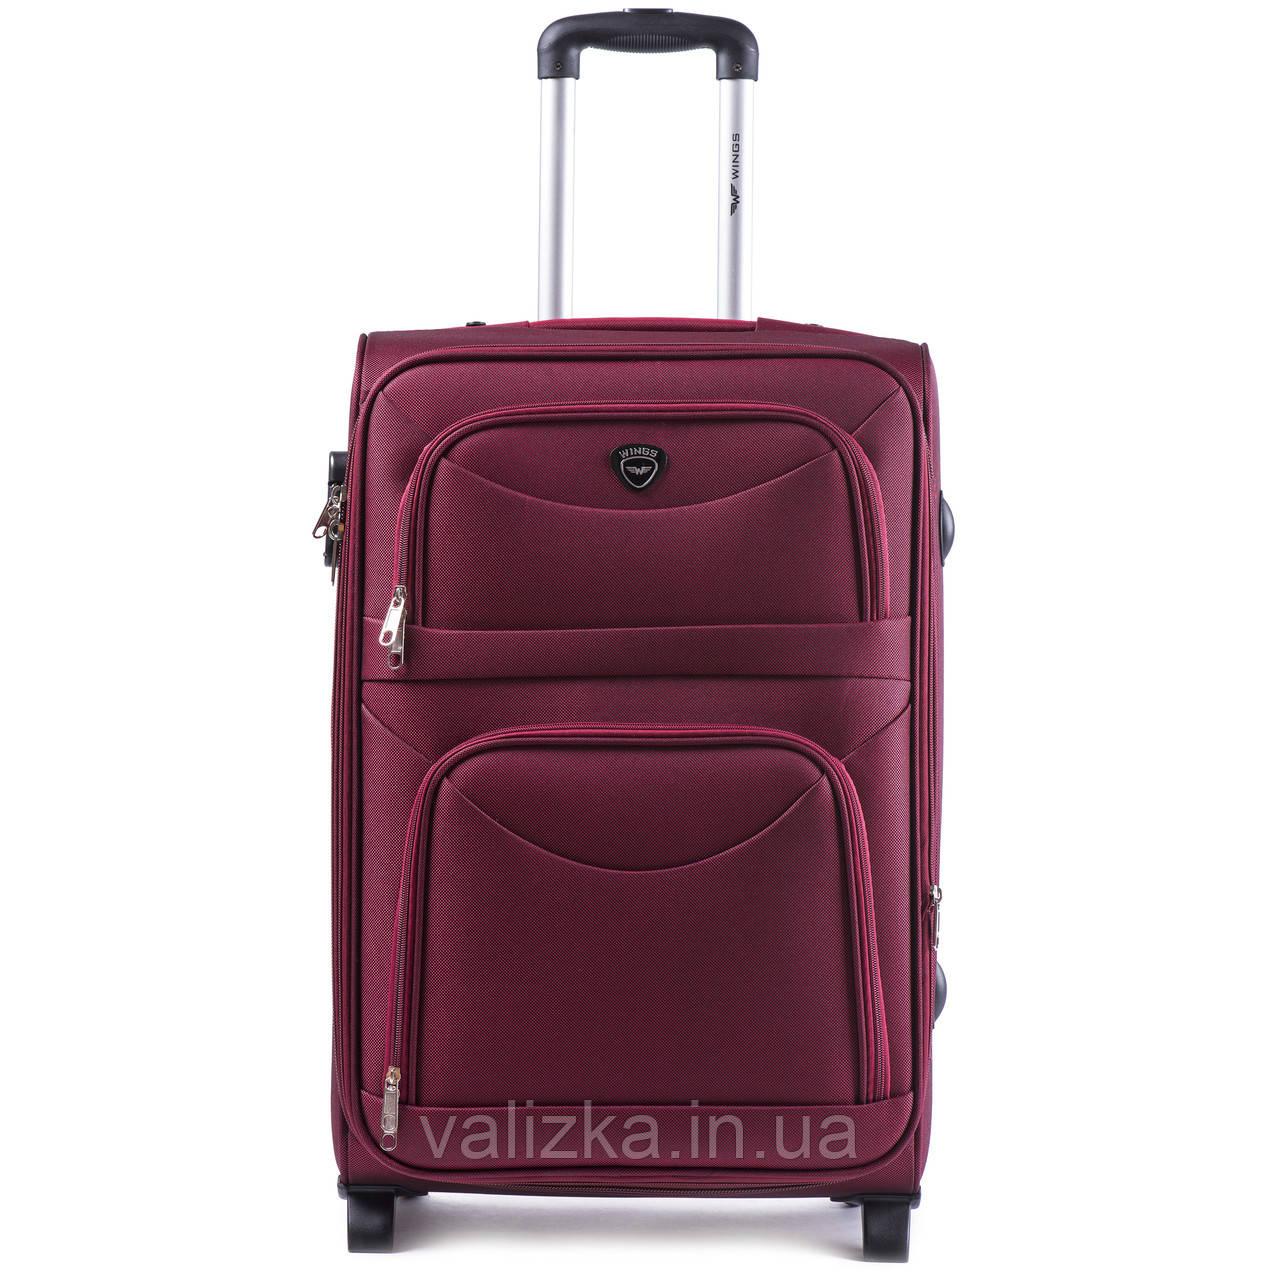 Средний текстильный чемодан красный с расширителем Wings 6802-2